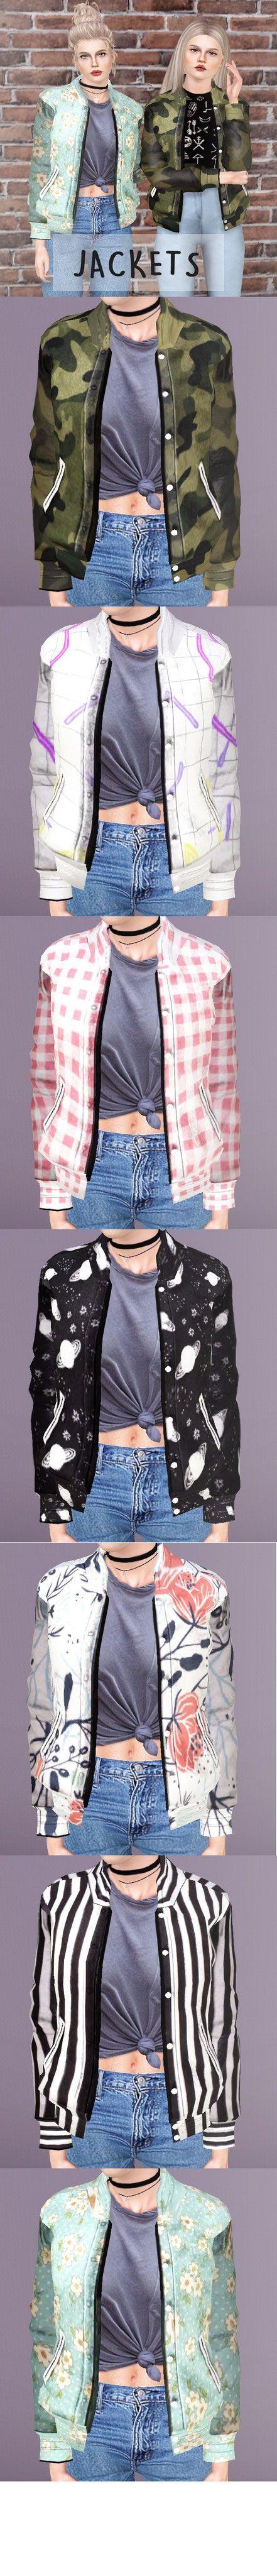 jacket- DescargasSims-CC